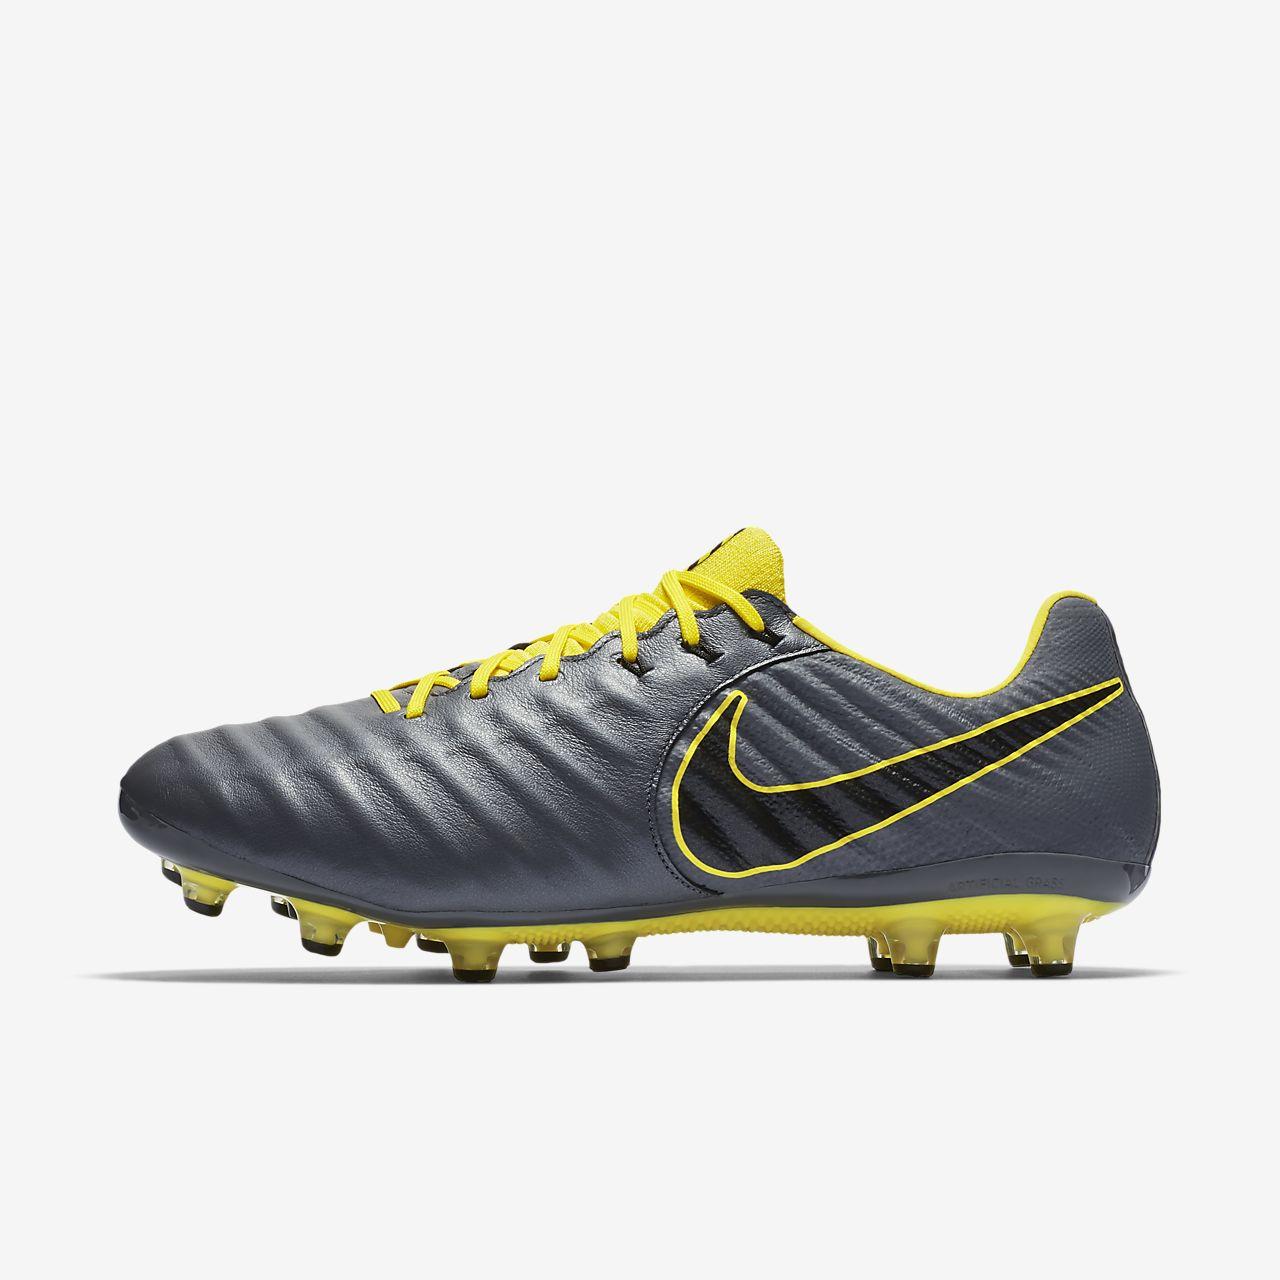 Calzado de fútbol para pasto artificial Nike Legend VII Elite AG-PRO ... c62474a9c5e5c